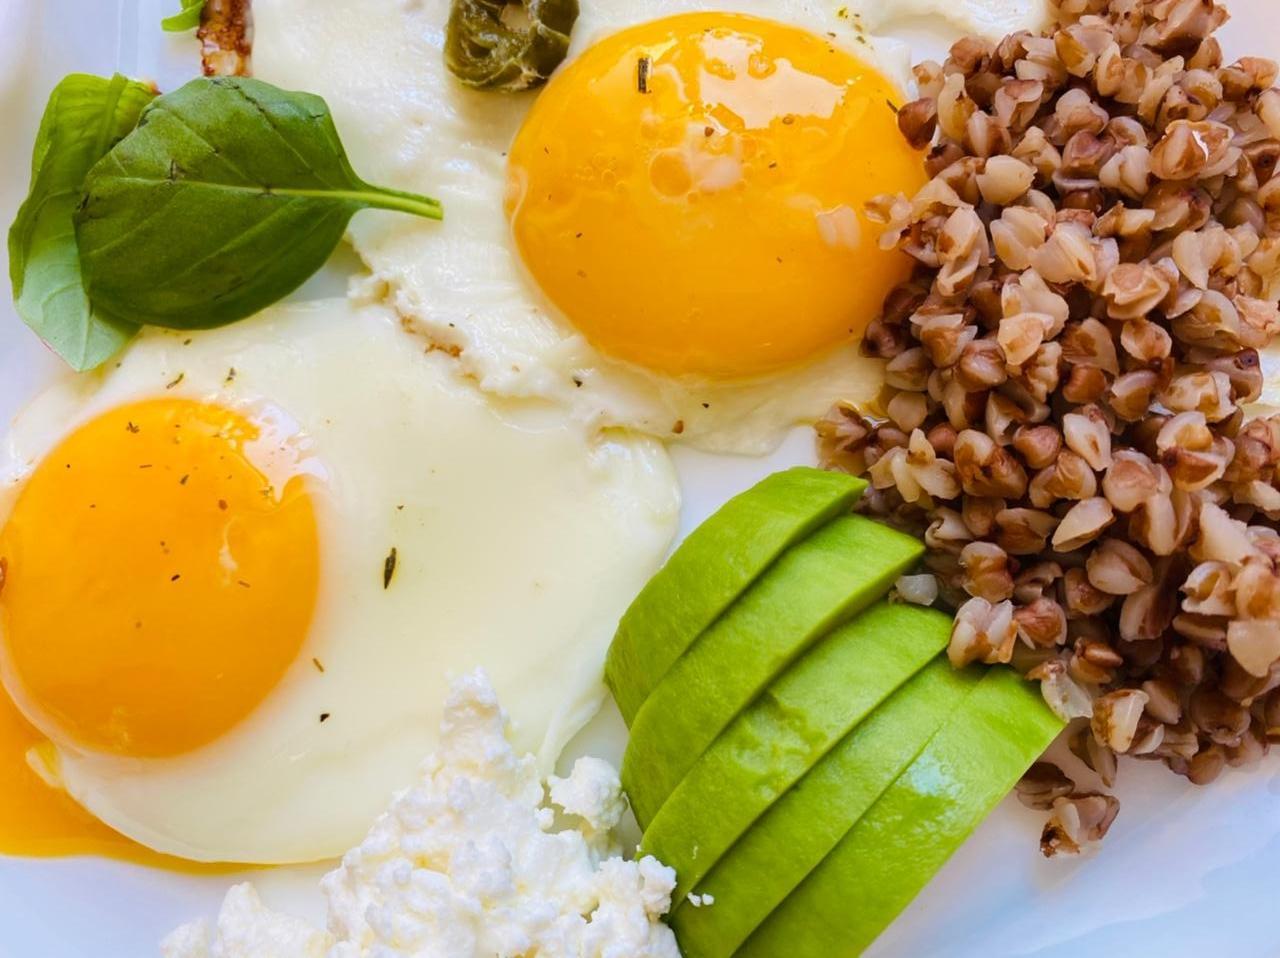 фото «Лето - идеальное время для диеты»: ЗОЖ-блогер из Новосибирска дала пять советов по правильному питанию 4